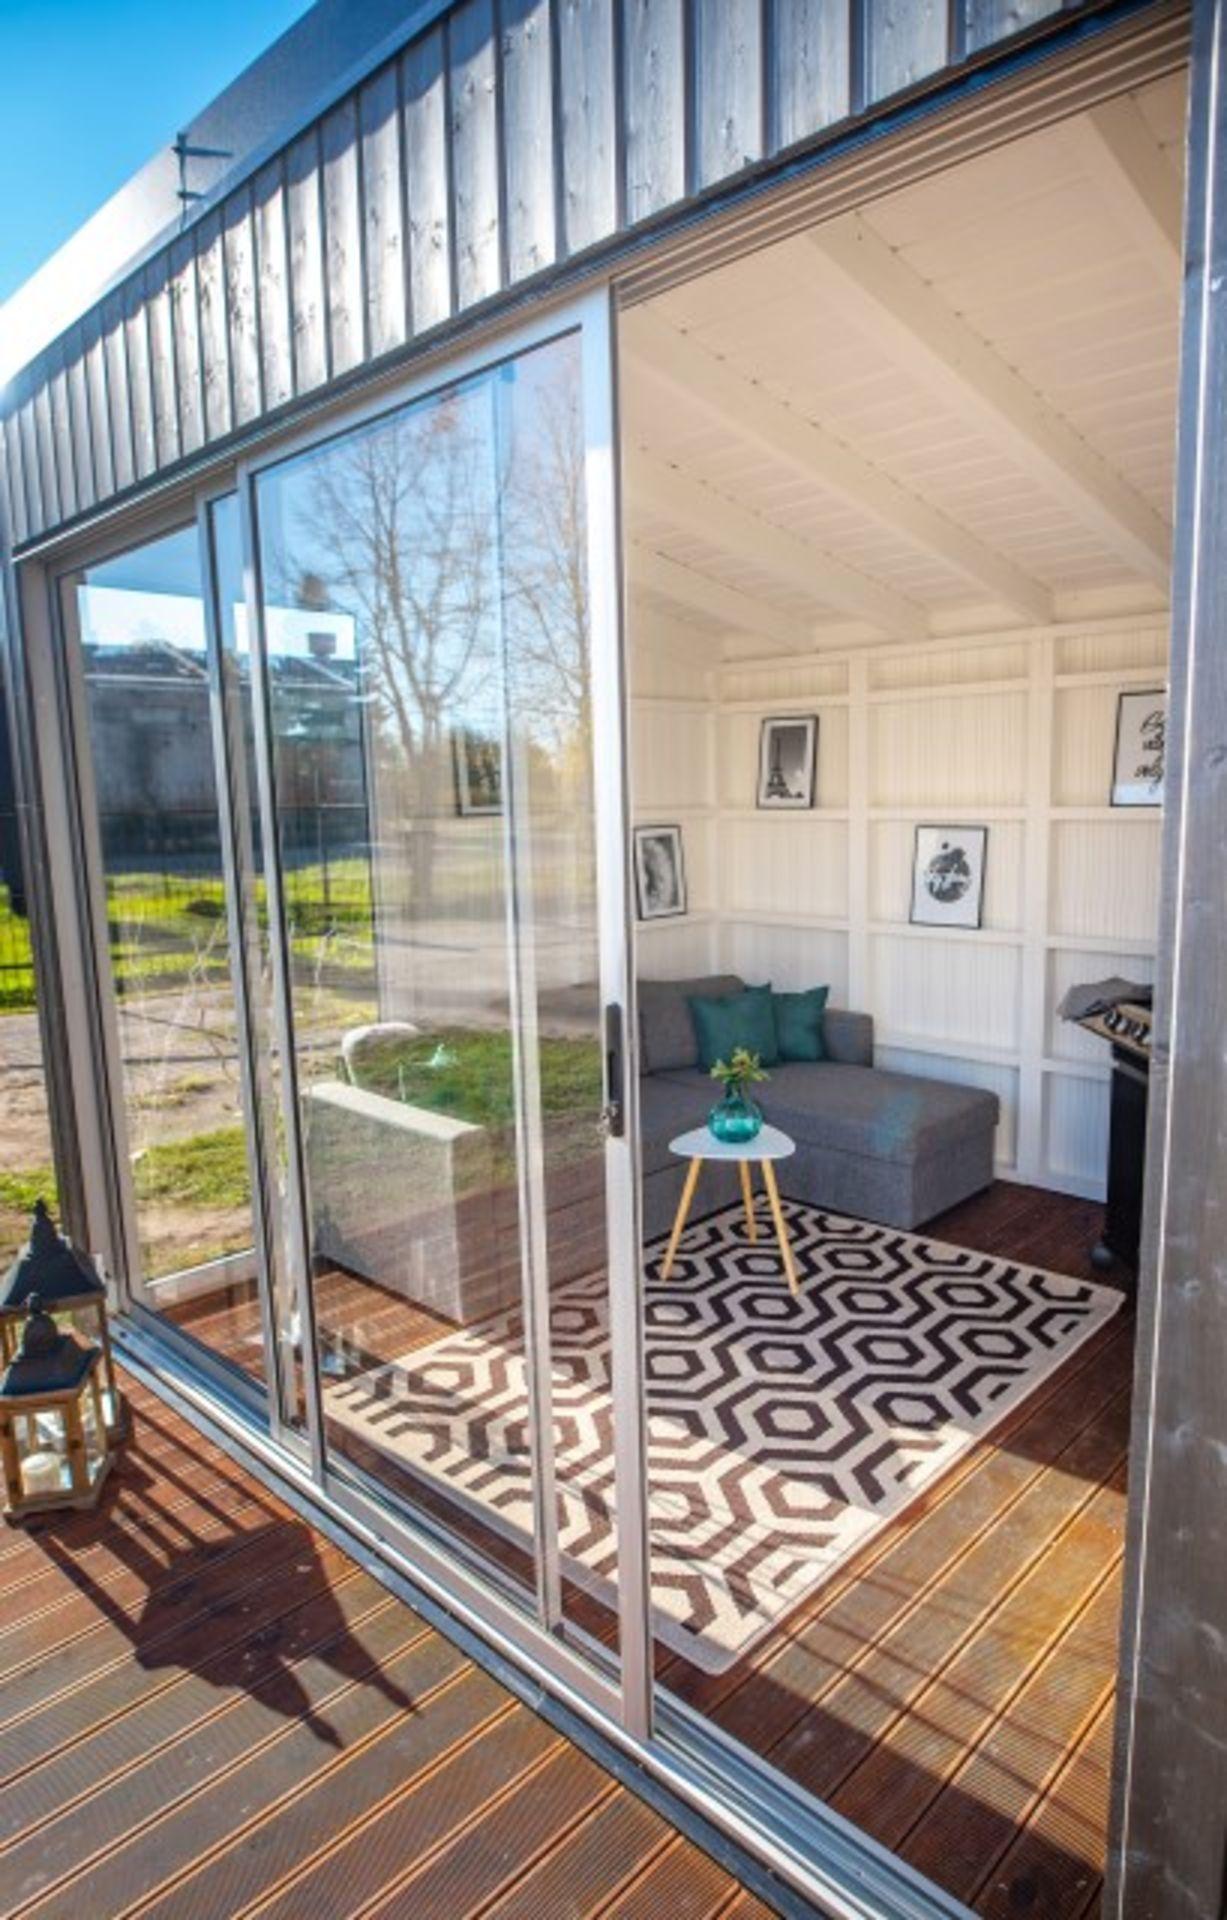 Lot 18019 - V Brand New Fantastic 3m x 3m Garden Cube With Triple Sliding Glass Doors - Full Floor To Ceiling